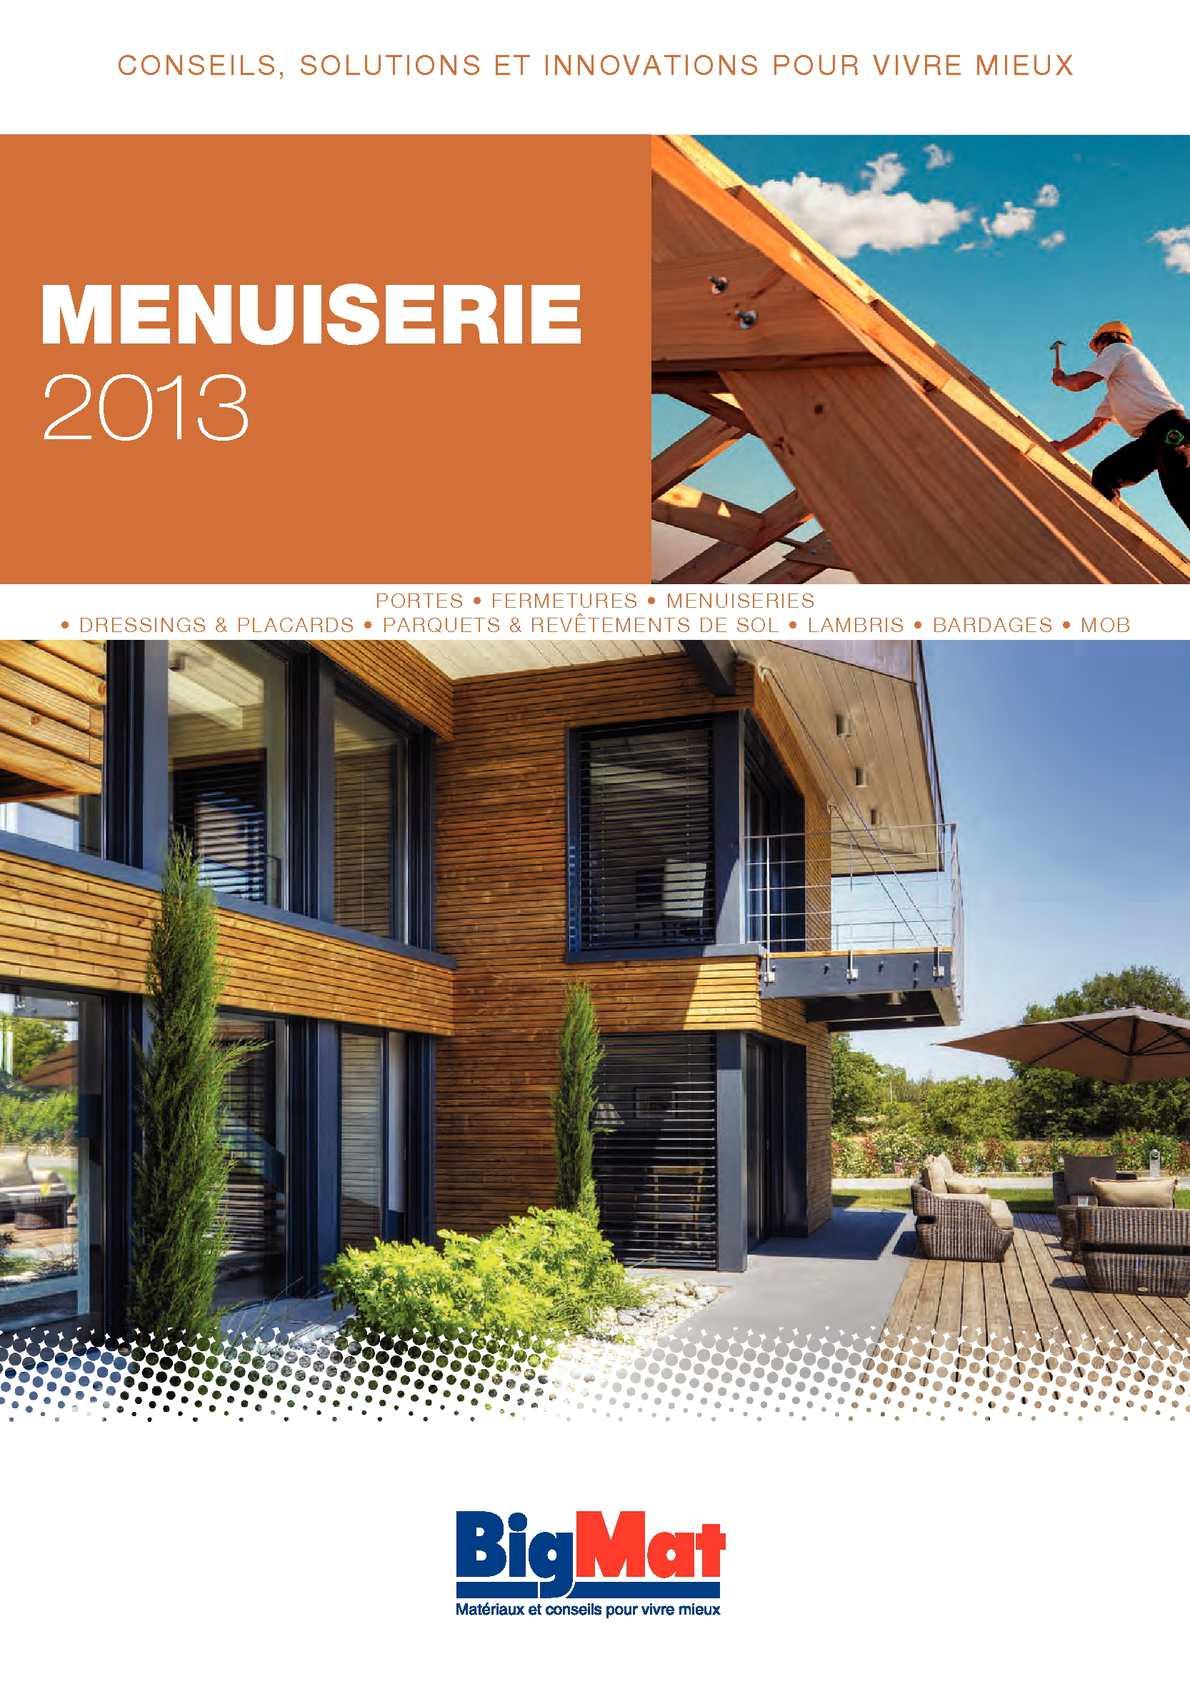 Sogal Traitement De Surface calaméo - catalogue bigmat menuiserie 2013